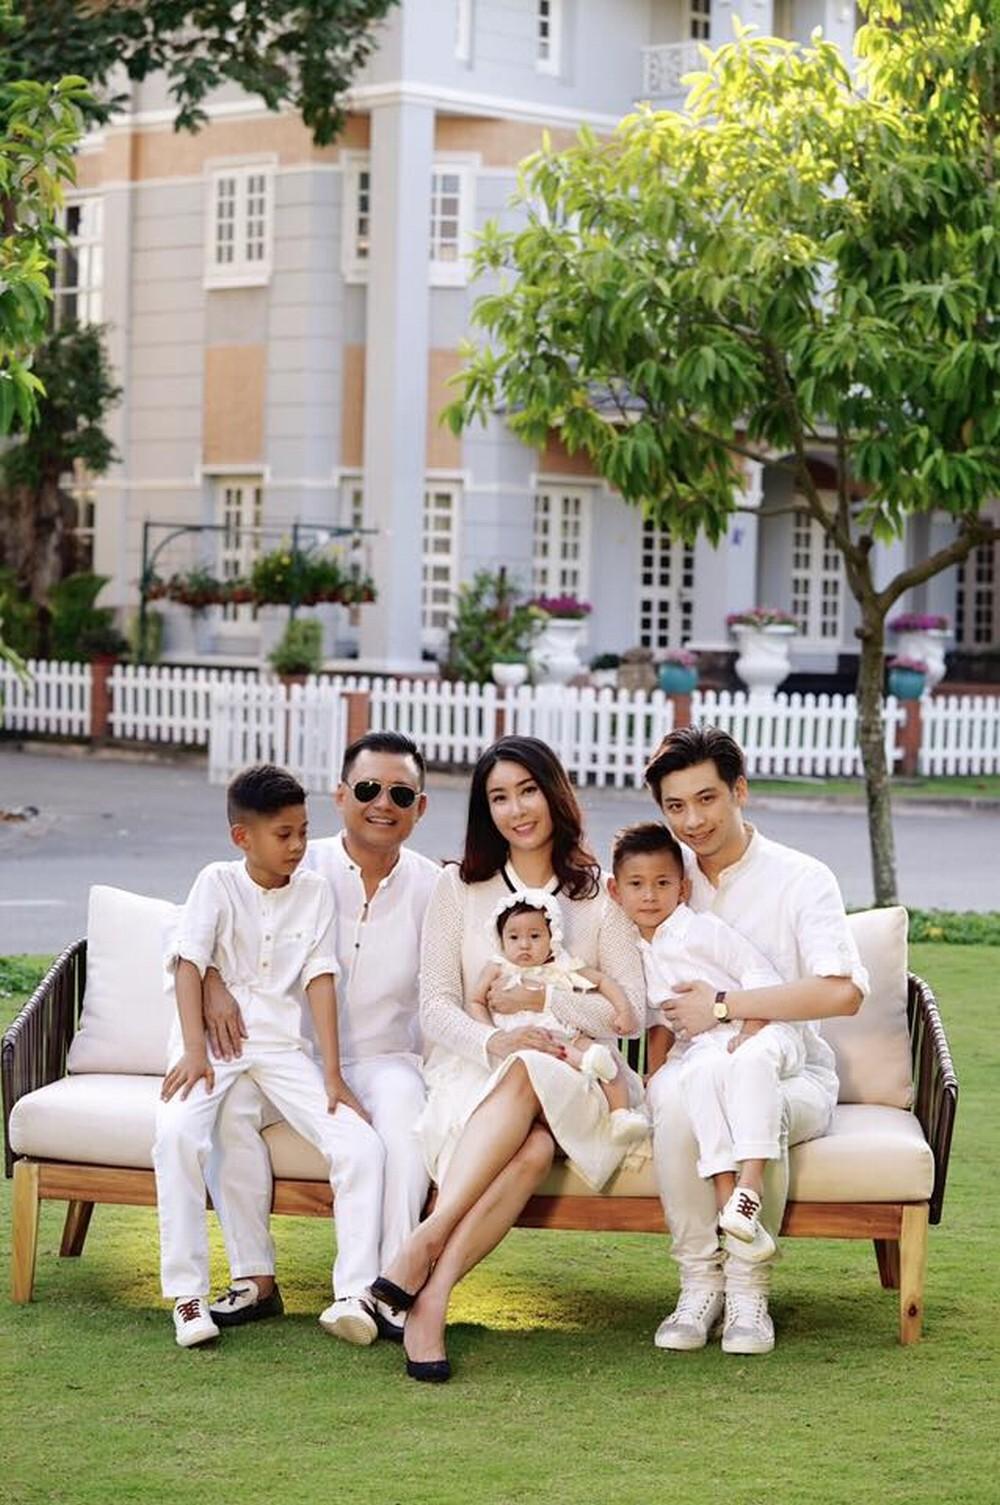 Sao Việt là con nhà trâm anh thế phiệt: Sống sang chảnh trong biệt thự dát vàng trị giá triệu đô, đi du lịch khắp nơi trên thế giới - Ảnh 3.